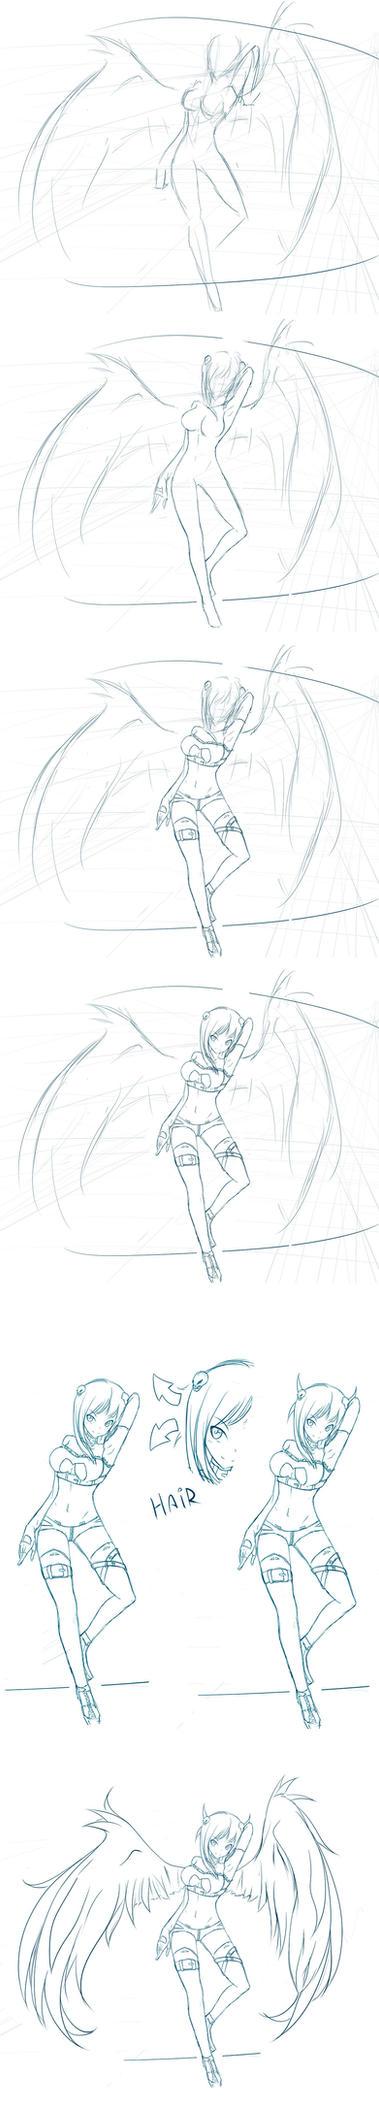 Sketch steps - W.I.P Linette 2 by Rinine